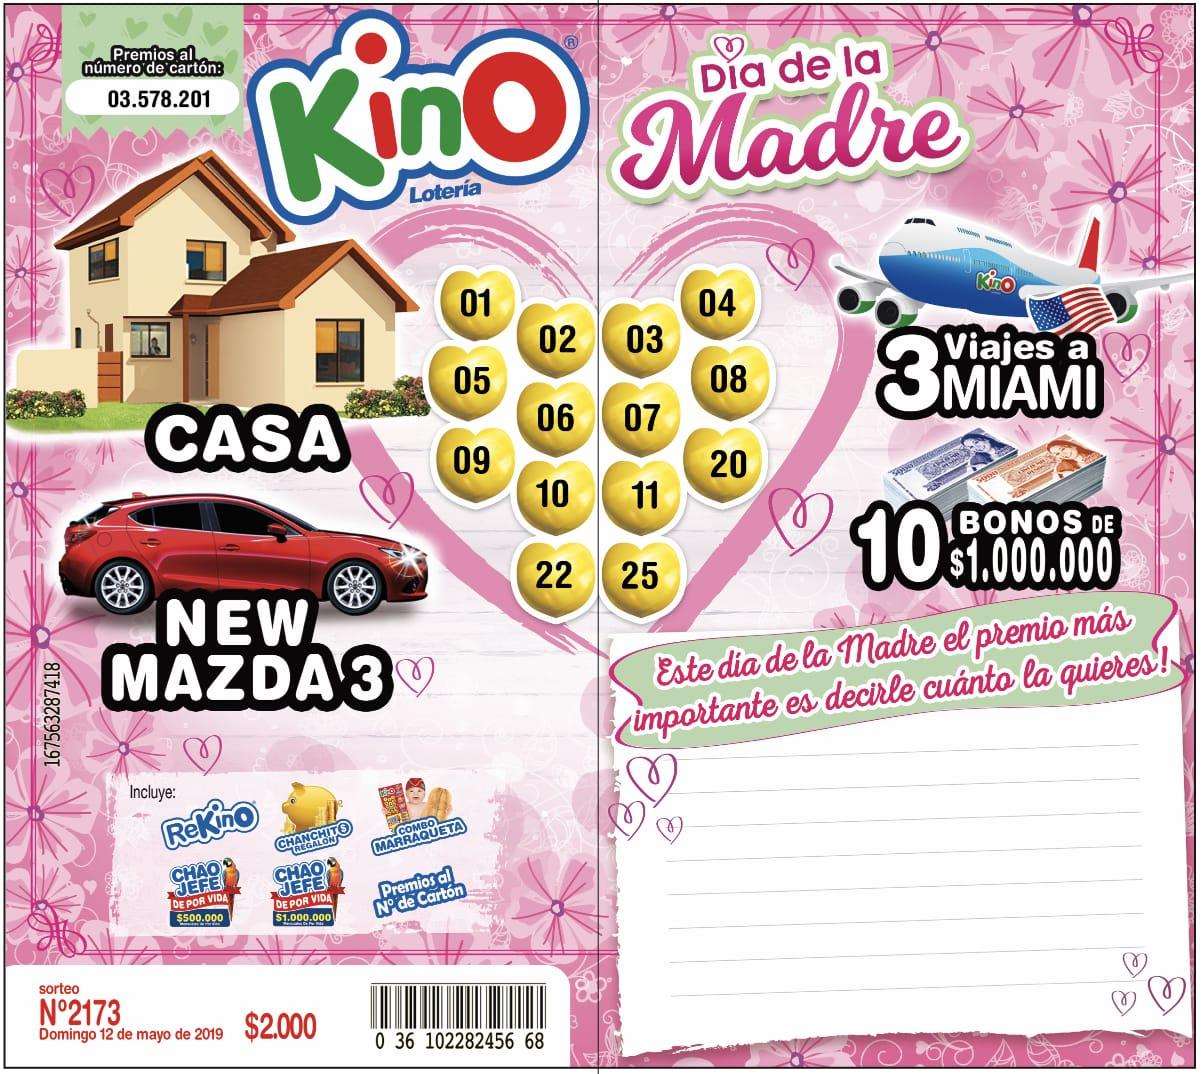 Foto referencial de Kino Día de la Mamá 2019